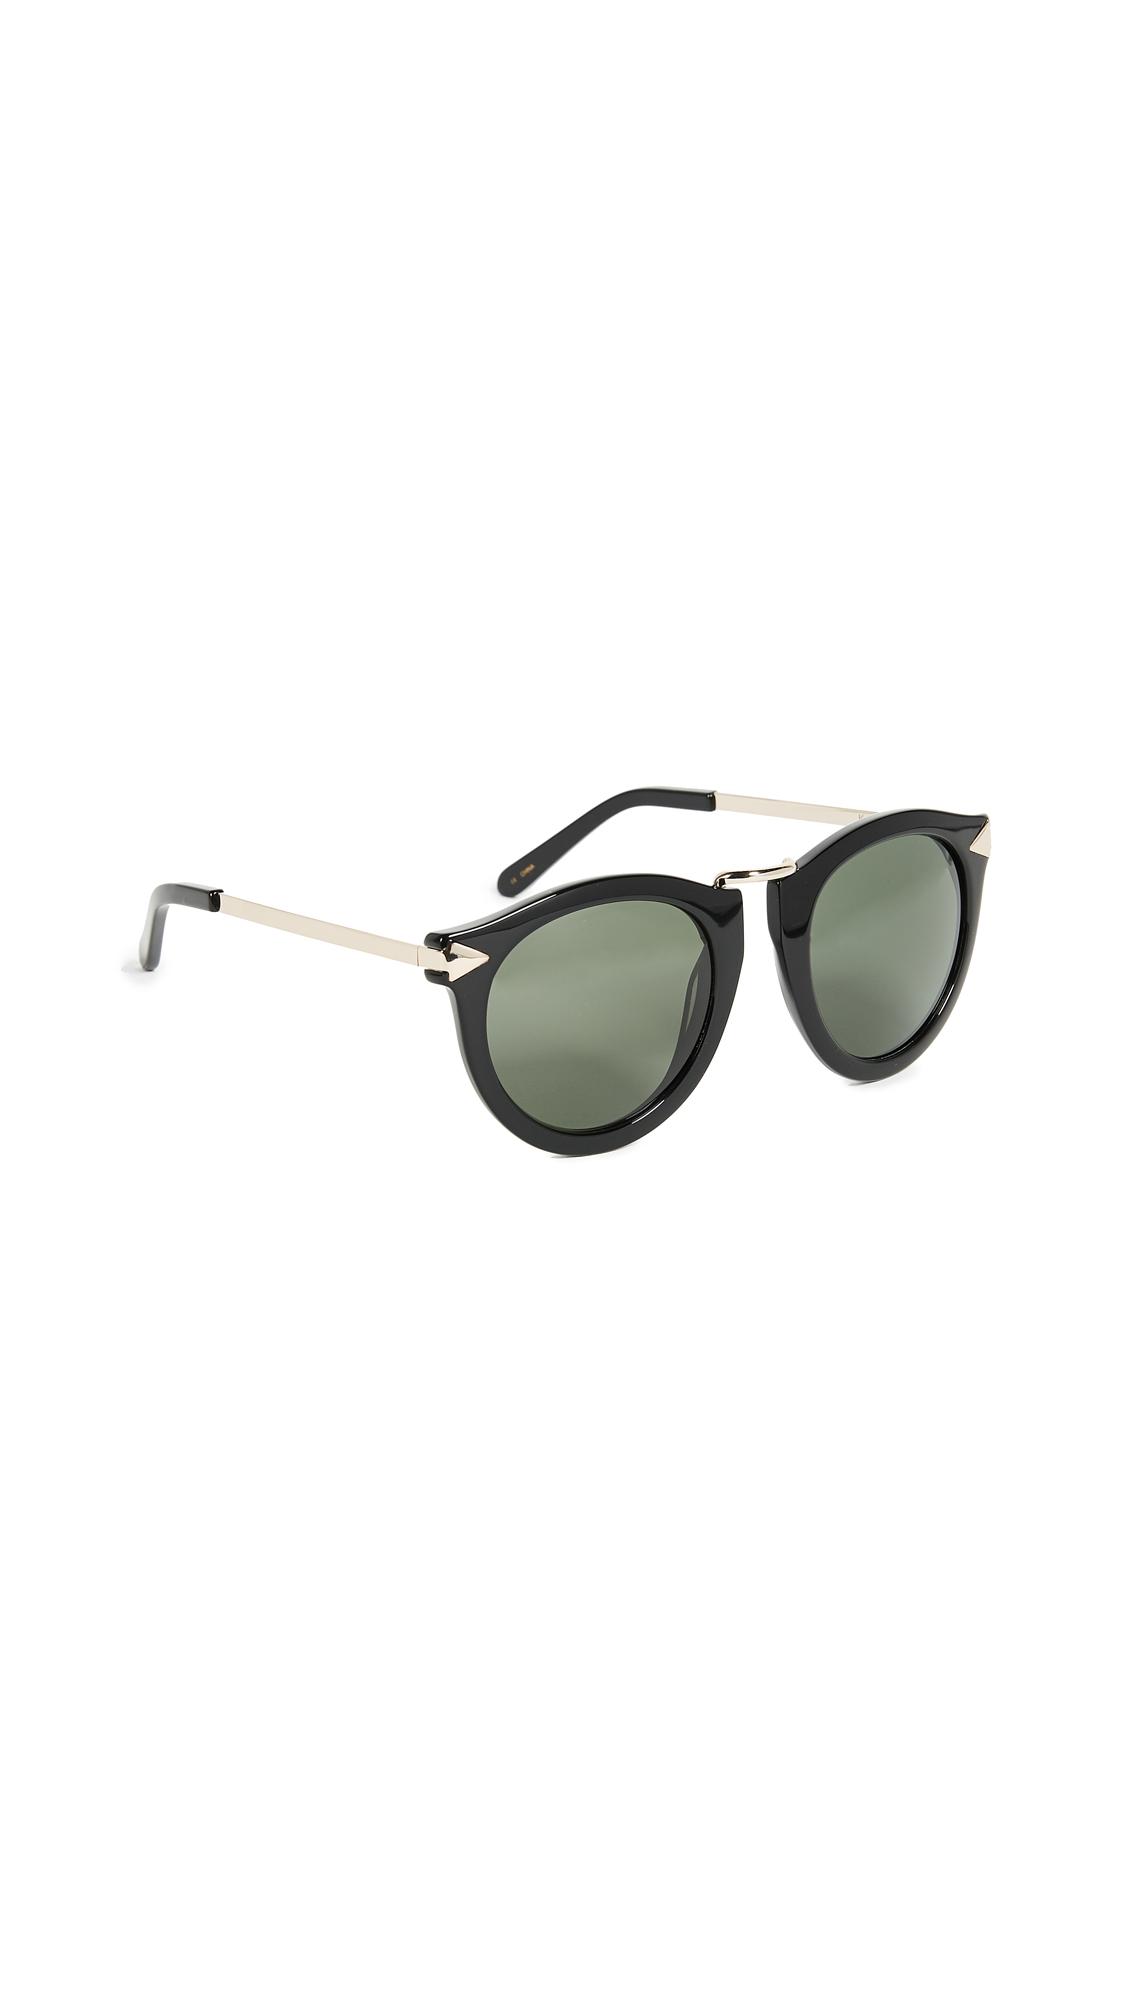 Karen Walker The Harvest Sunglasses In Black